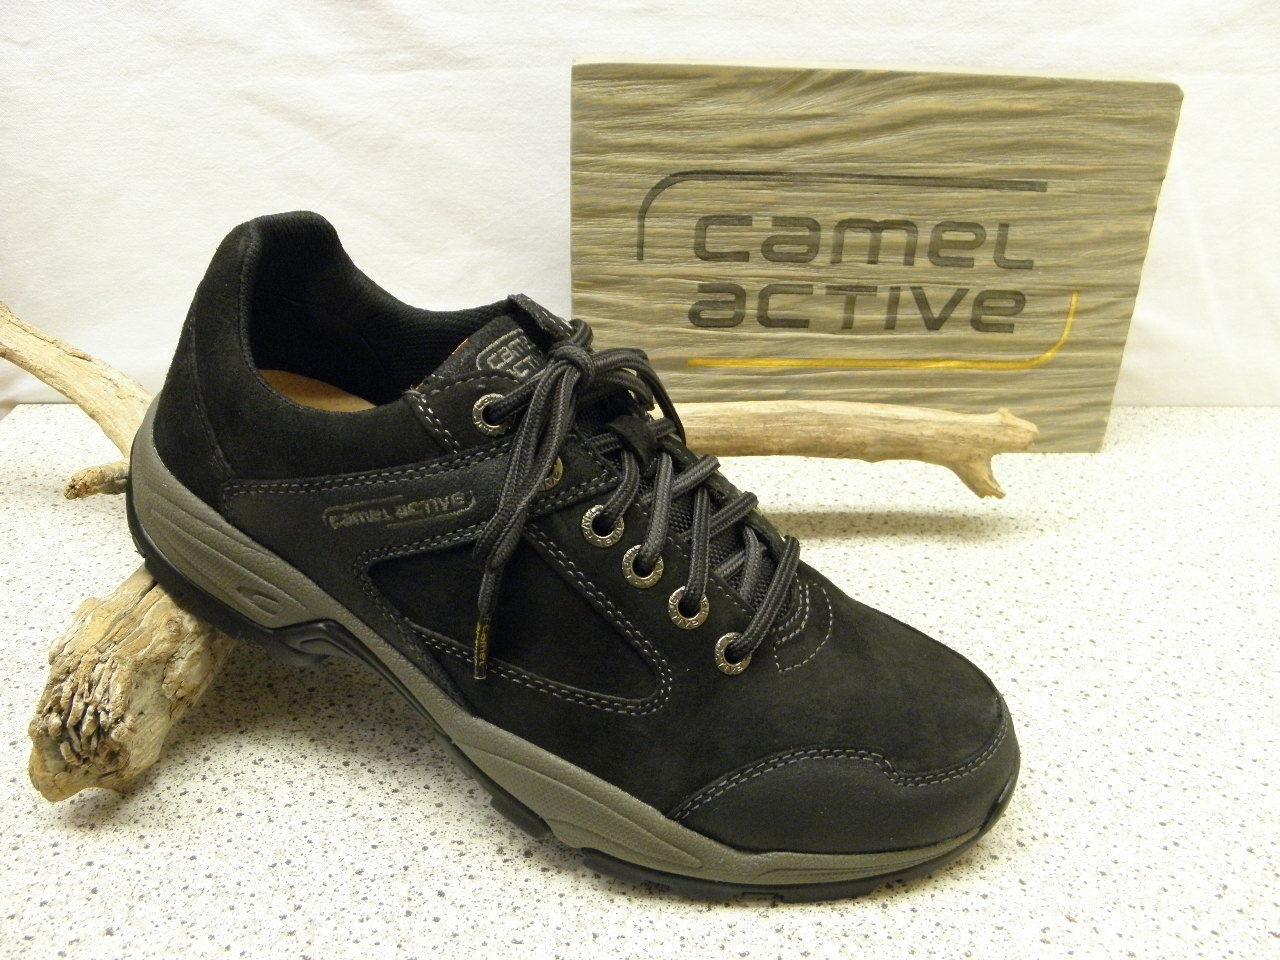 Camel active ®  bisher 119,95 schwarz    Evolution schwarz 119,95  138.11.22 (C55) 59b9ea